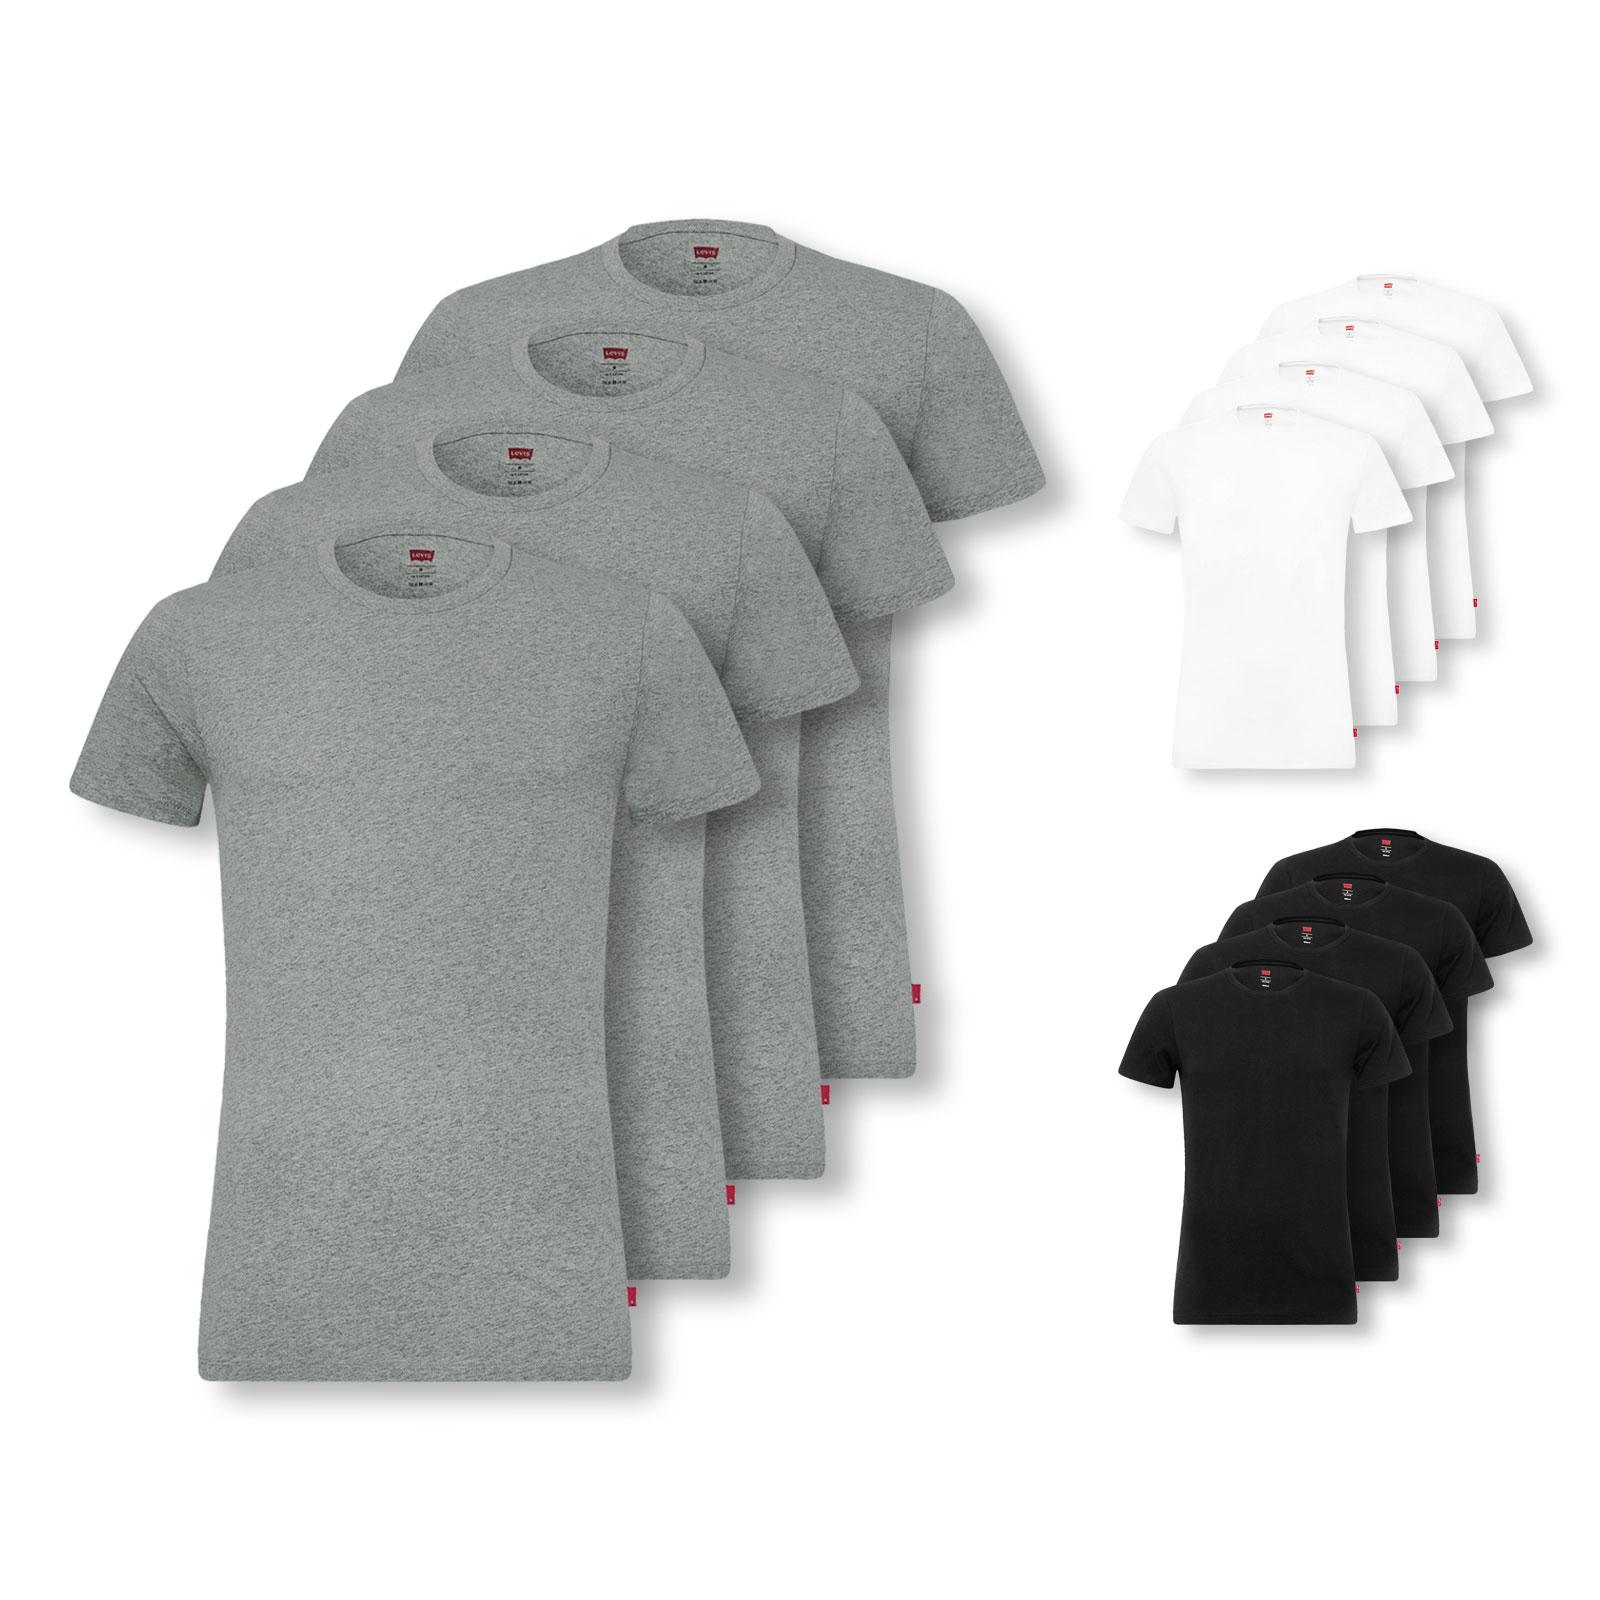 4er Pack Levi's T-Shirts, Crew-Neck, V-Neck (Größen S, M, L, XL)